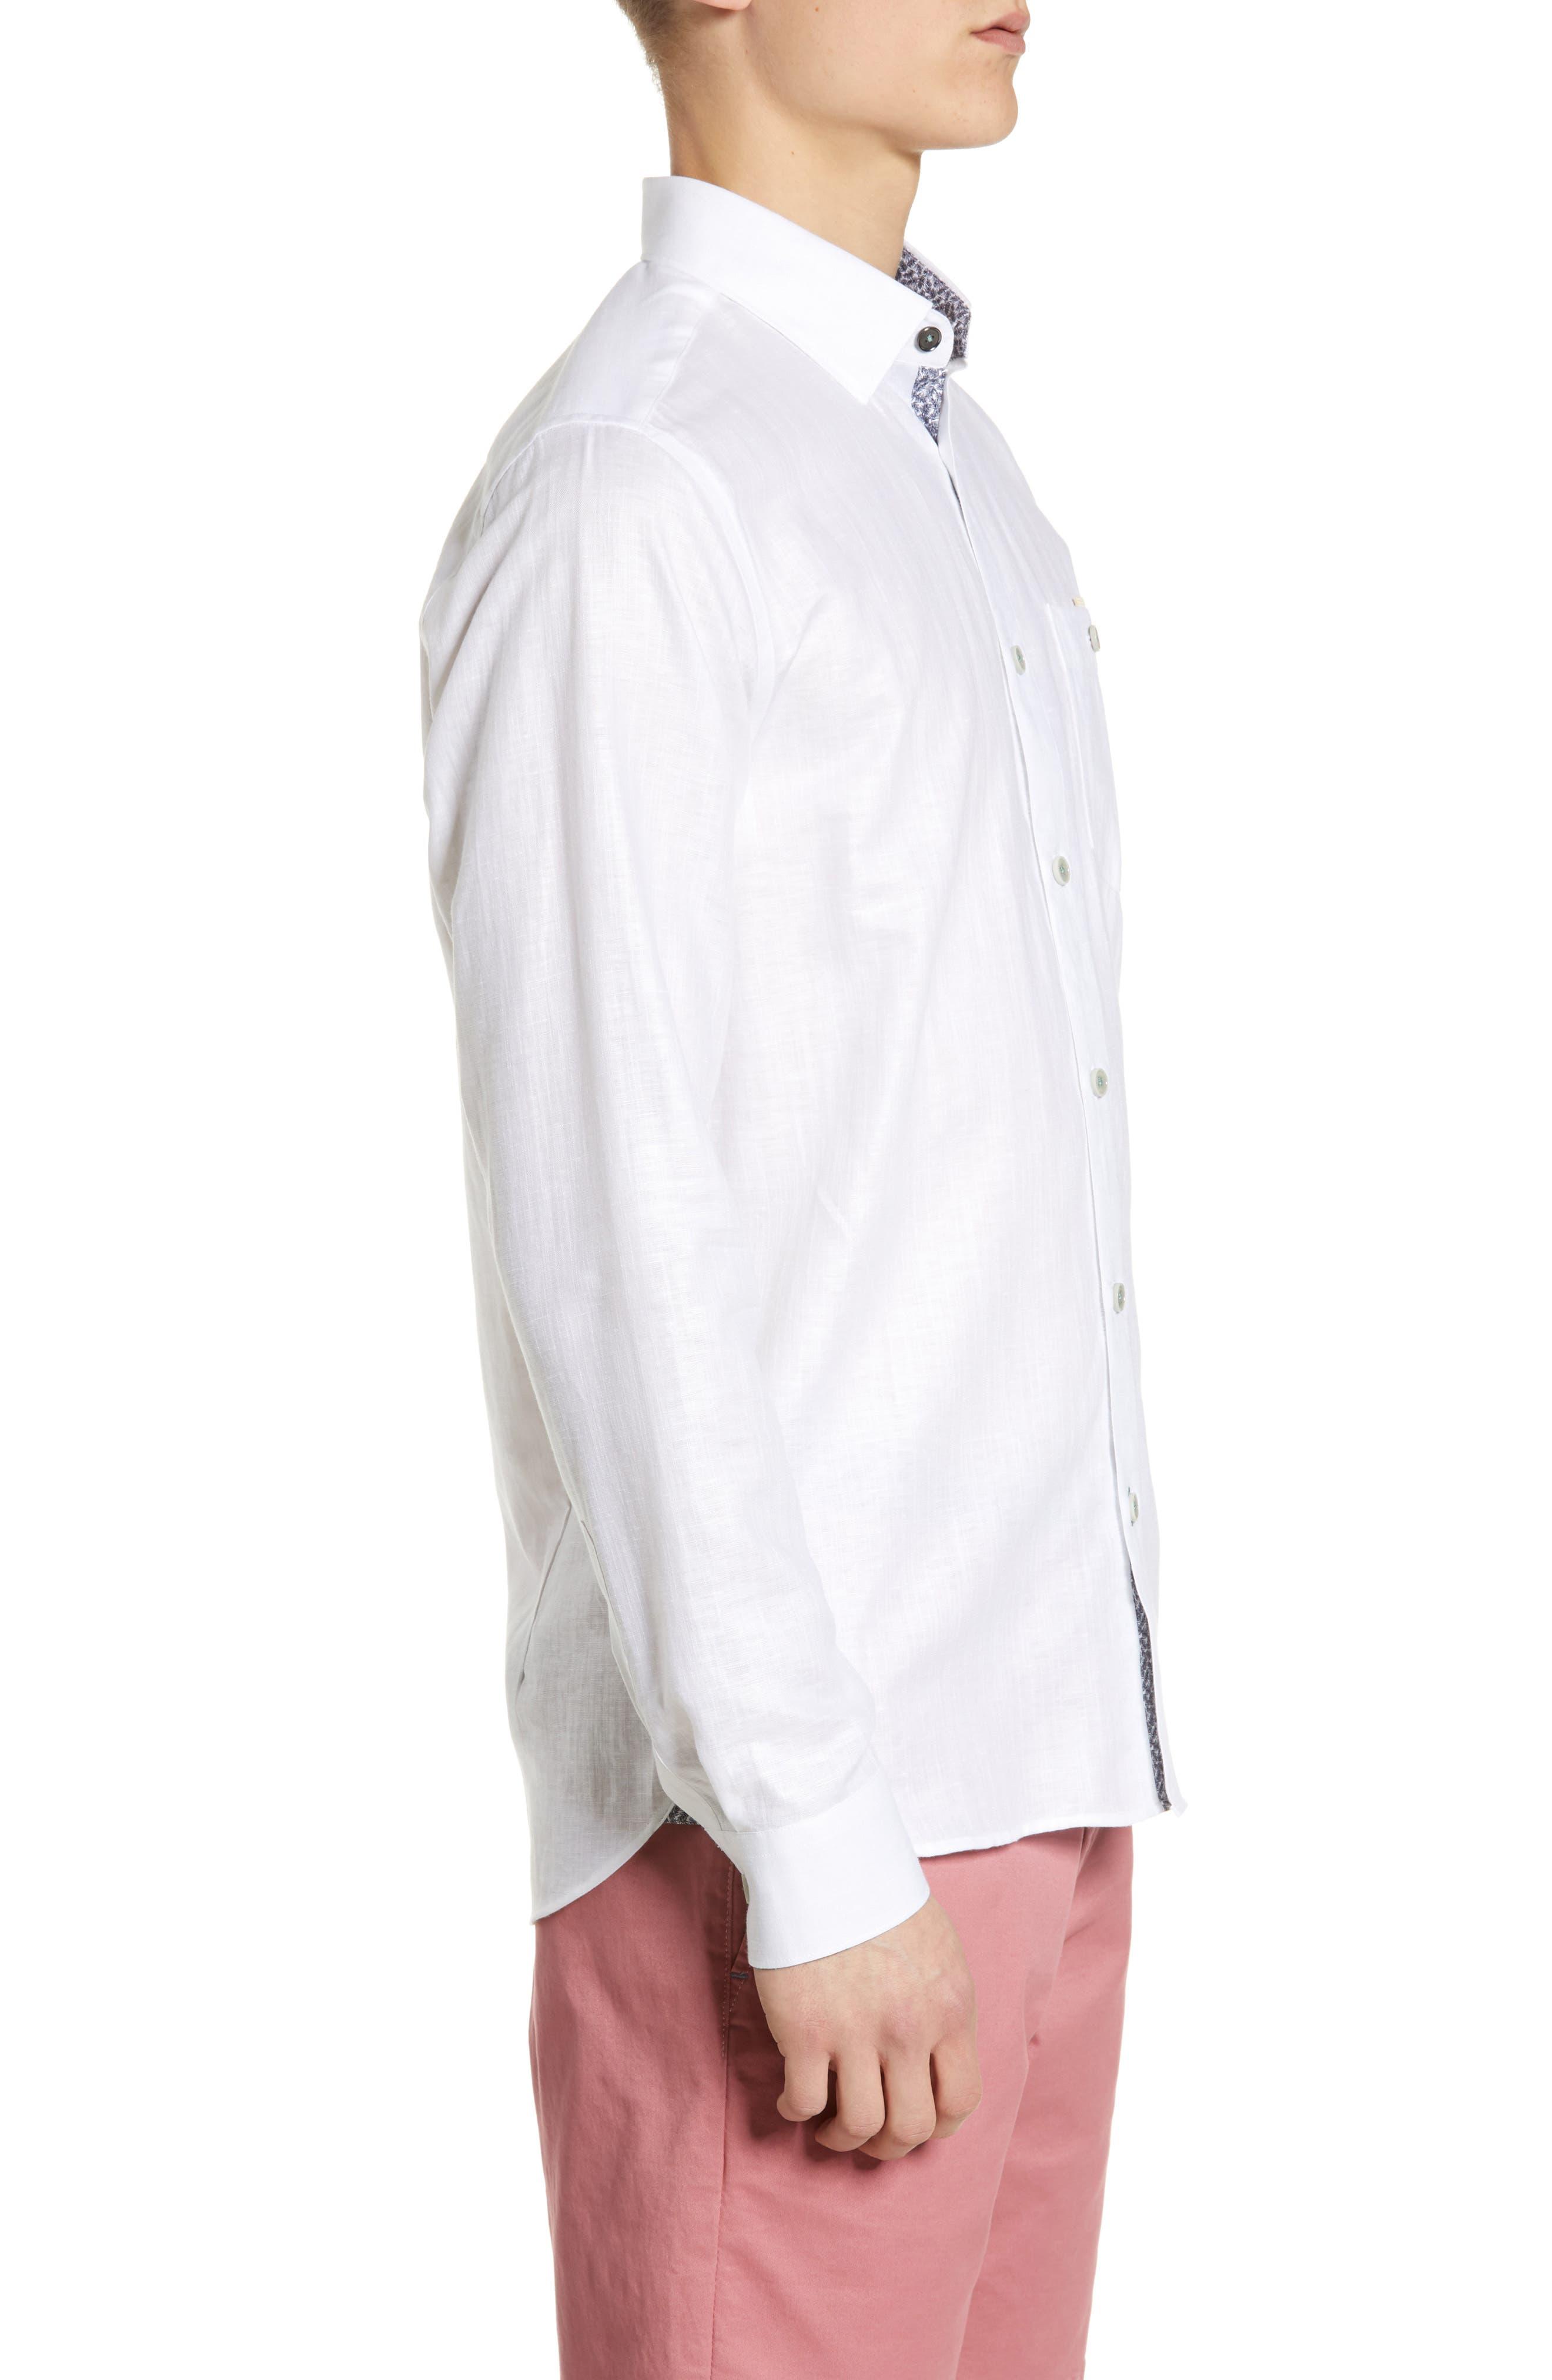 TED BAKER LONDON, Emuu Slim Fit Linen Shirt, Alternate thumbnail 3, color, WHITE